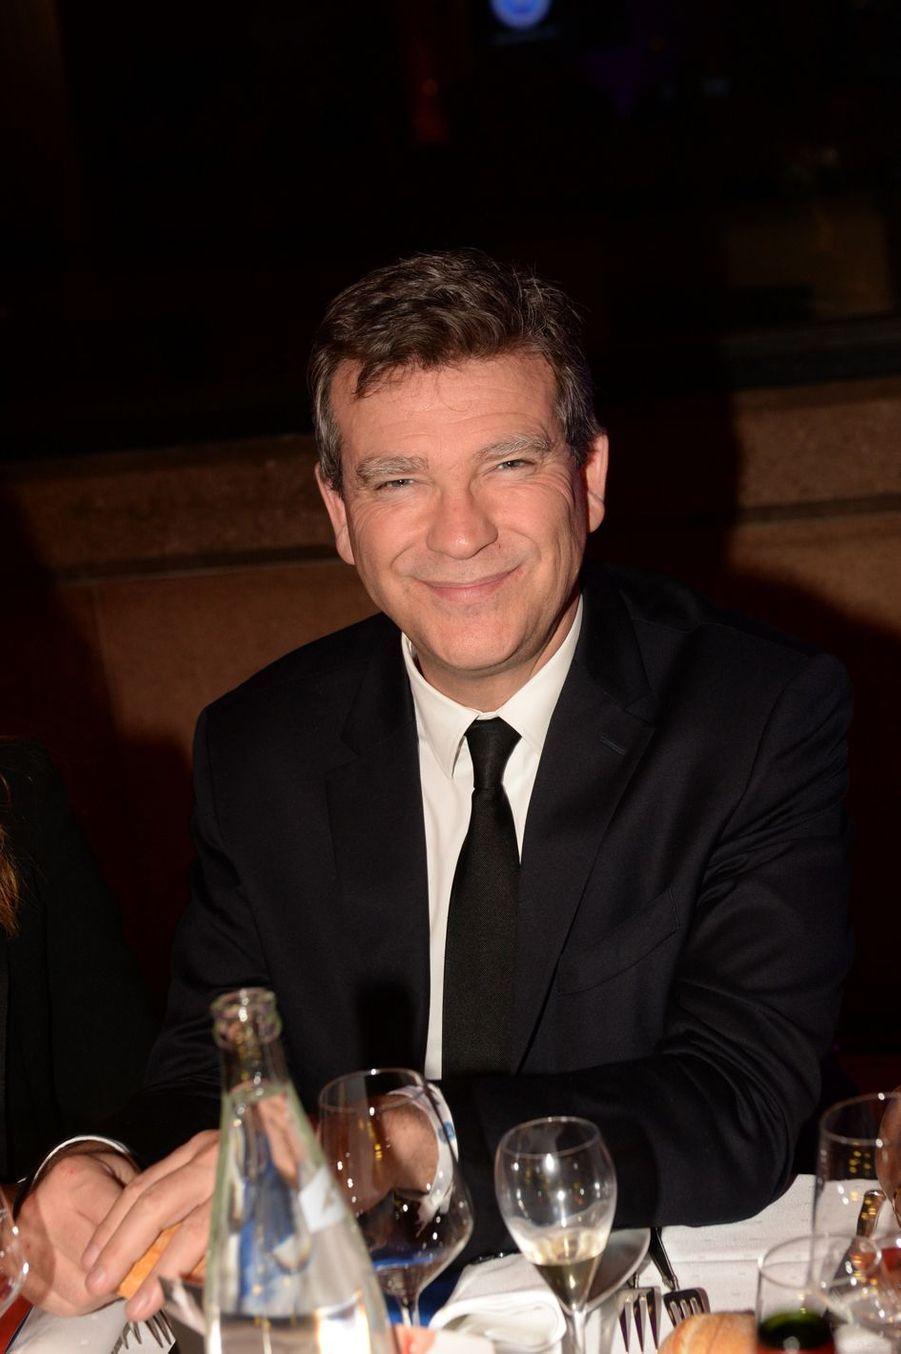 """Arnaud Montebourgà la 9ème édition du gala de l'association """"Sauveteurs Sans Frontières"""" au palais d'Iéna à Paris le 25 mars 2019"""